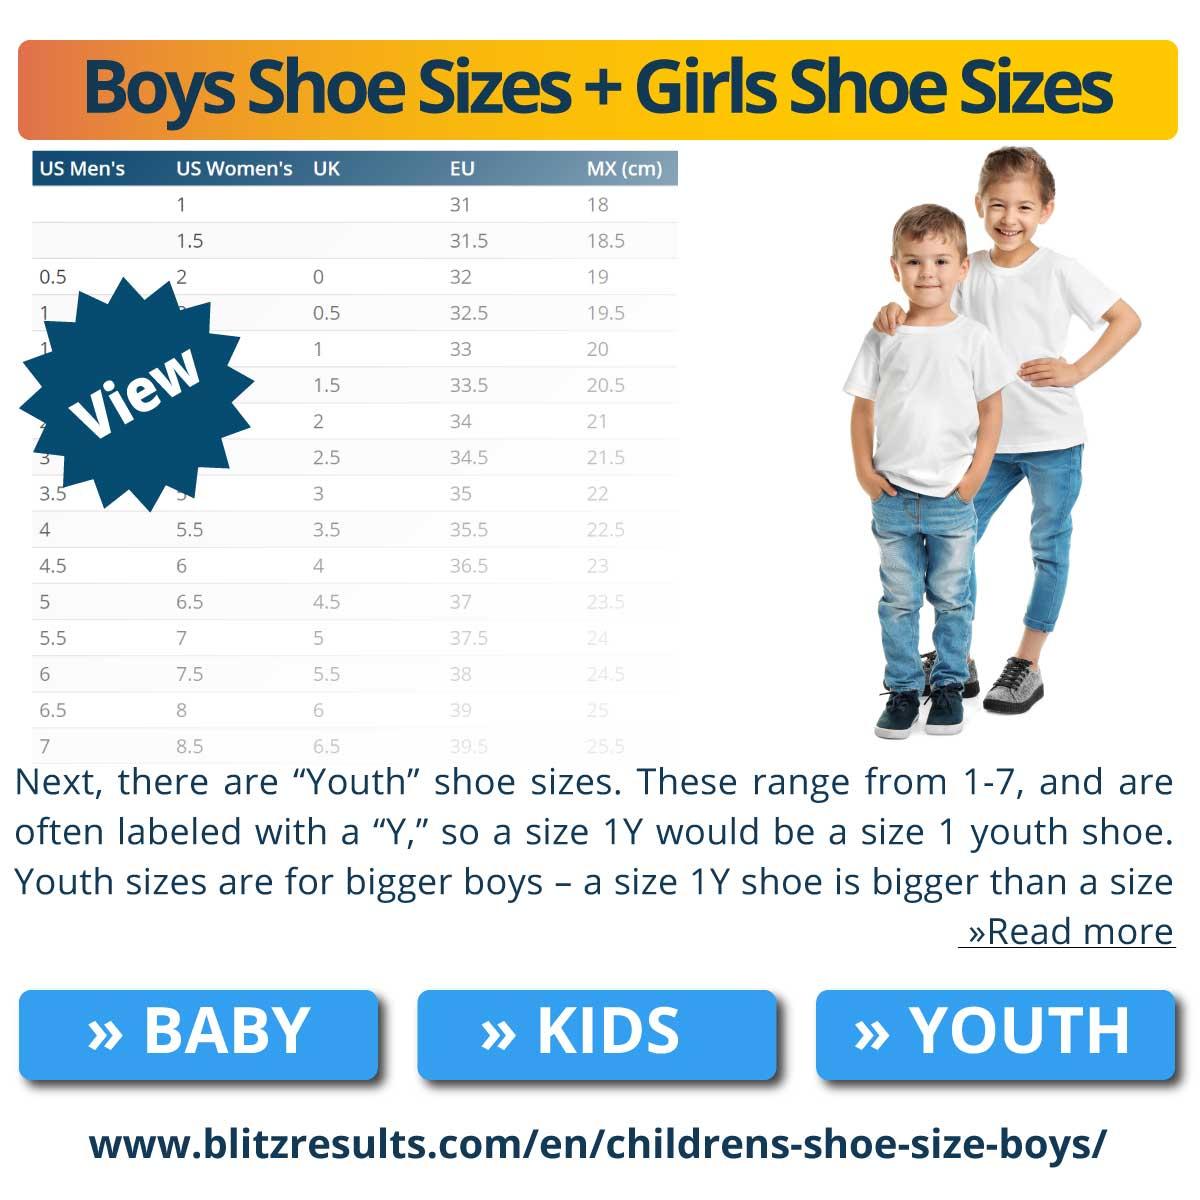 Boys Shoe Sizes + Girls Shoe Sizes